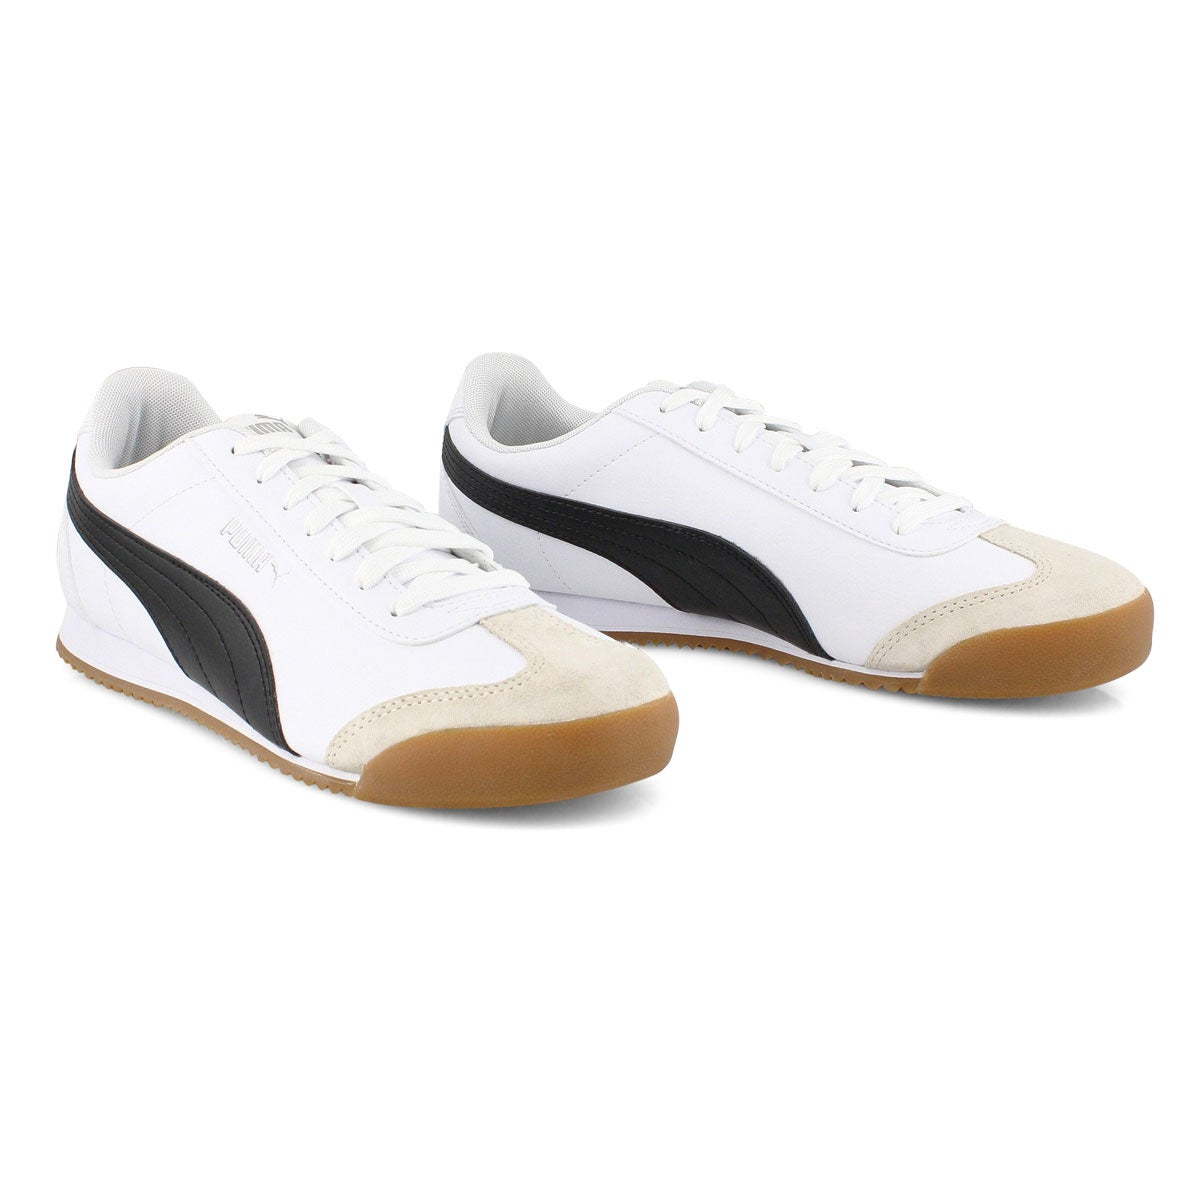 Men's TURINO white/black fashion sneakers